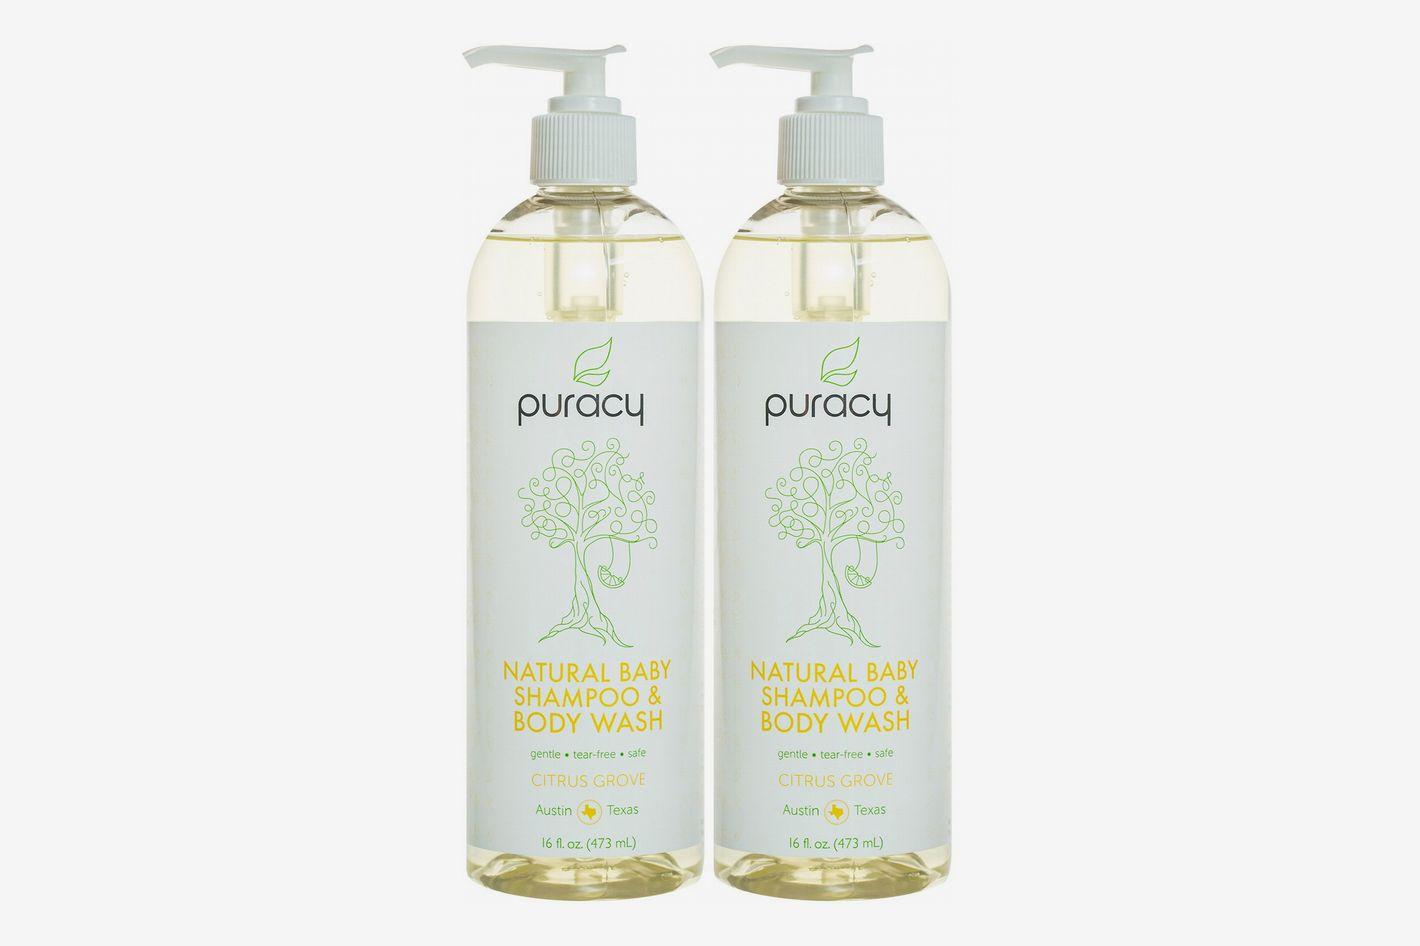 Puracy Natural Baby Shampoo and Body Wash